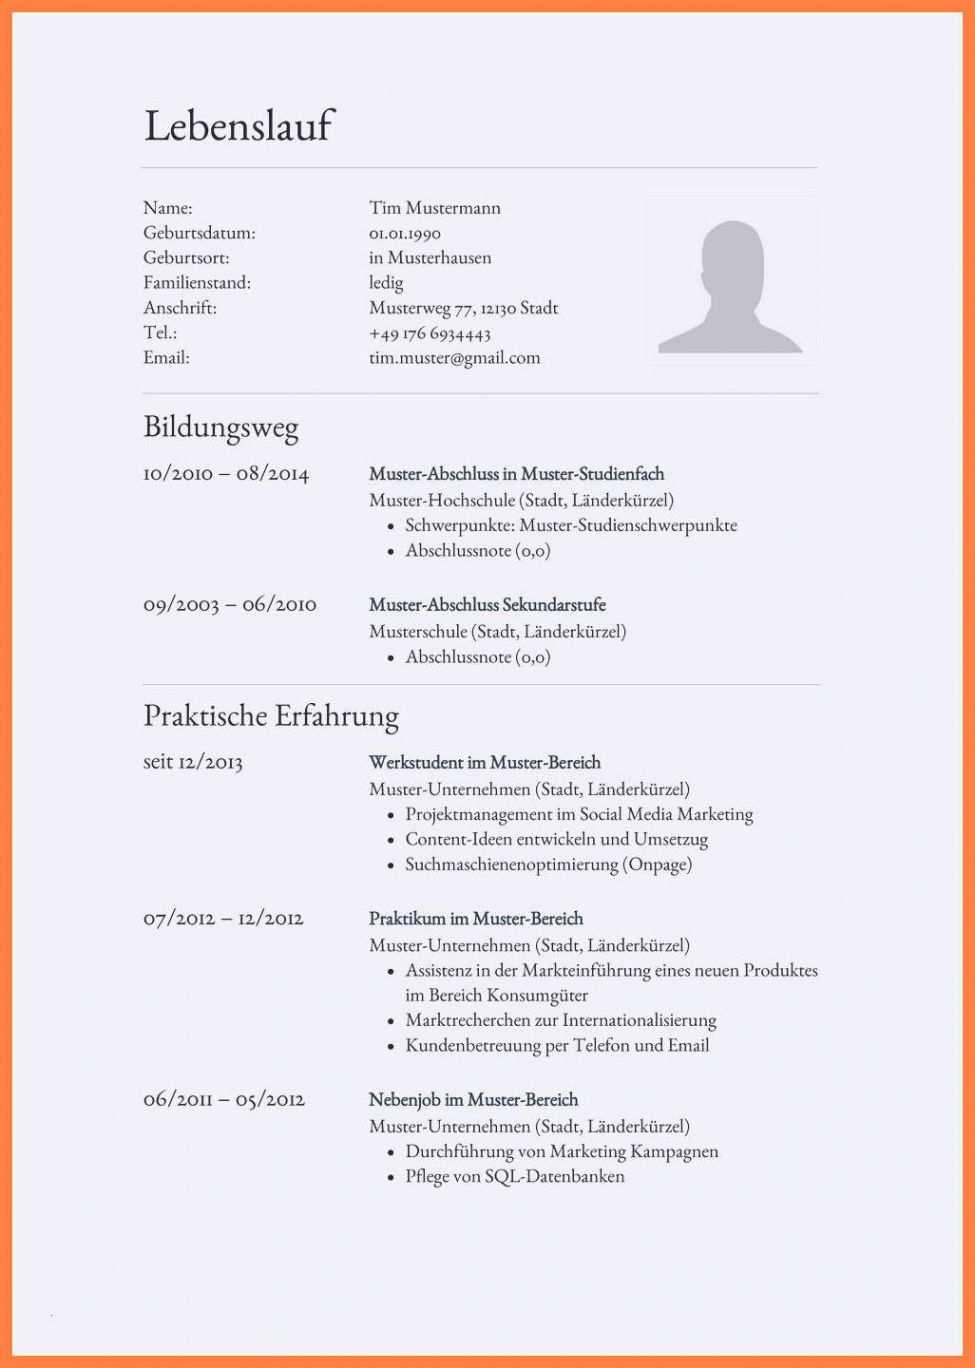 Lebenslauf Vorlage Zeilenabstande In 2020 Lebenslauf Vorlagen